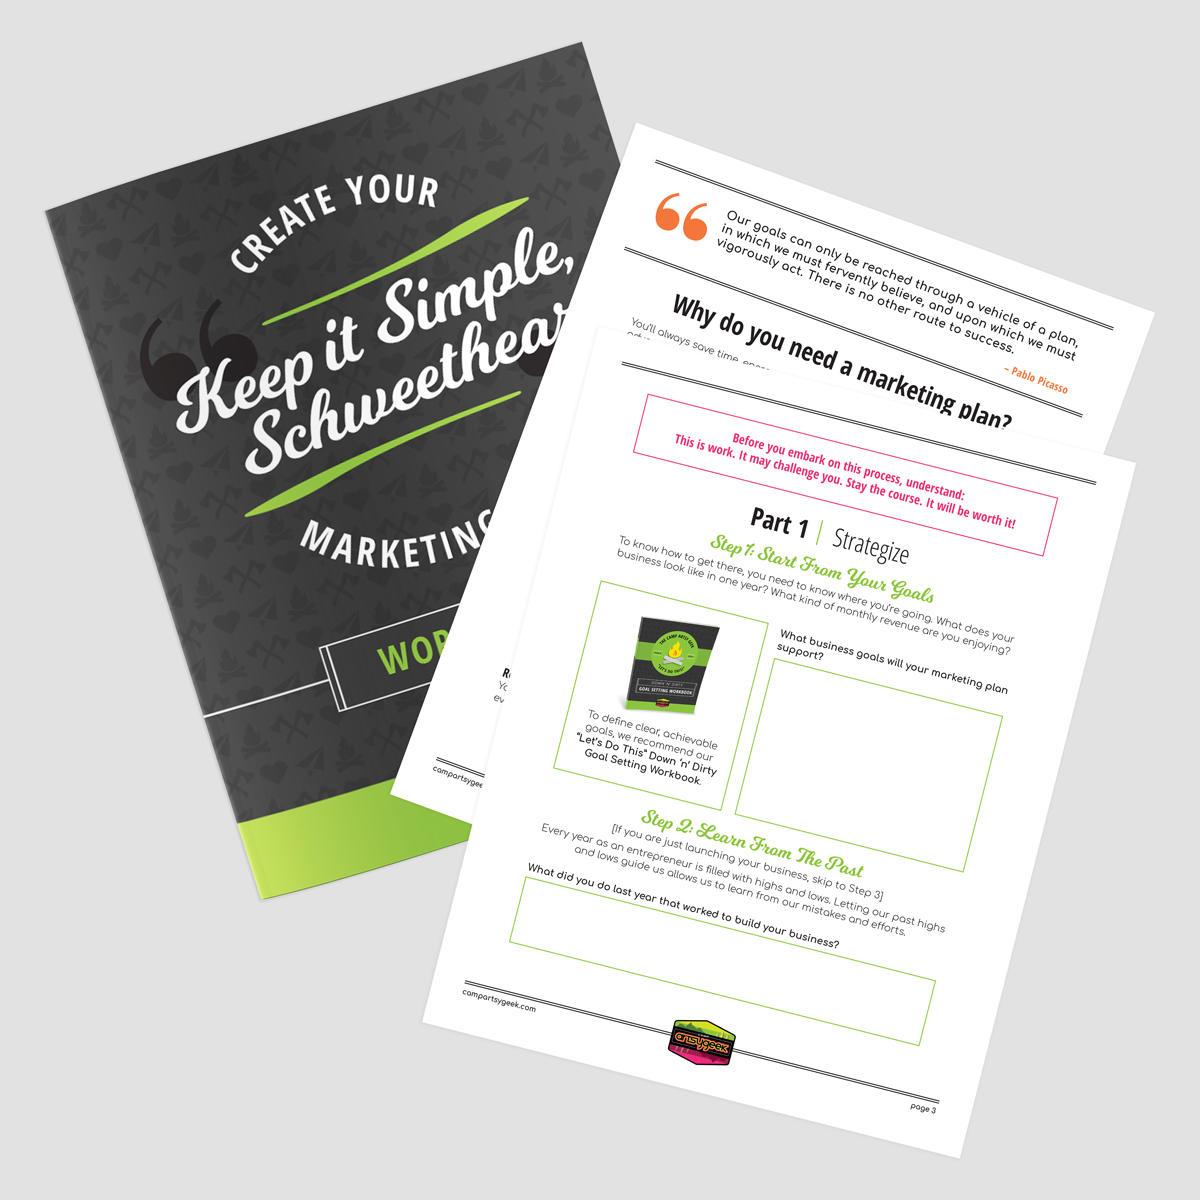 Marketing Plan Workbook